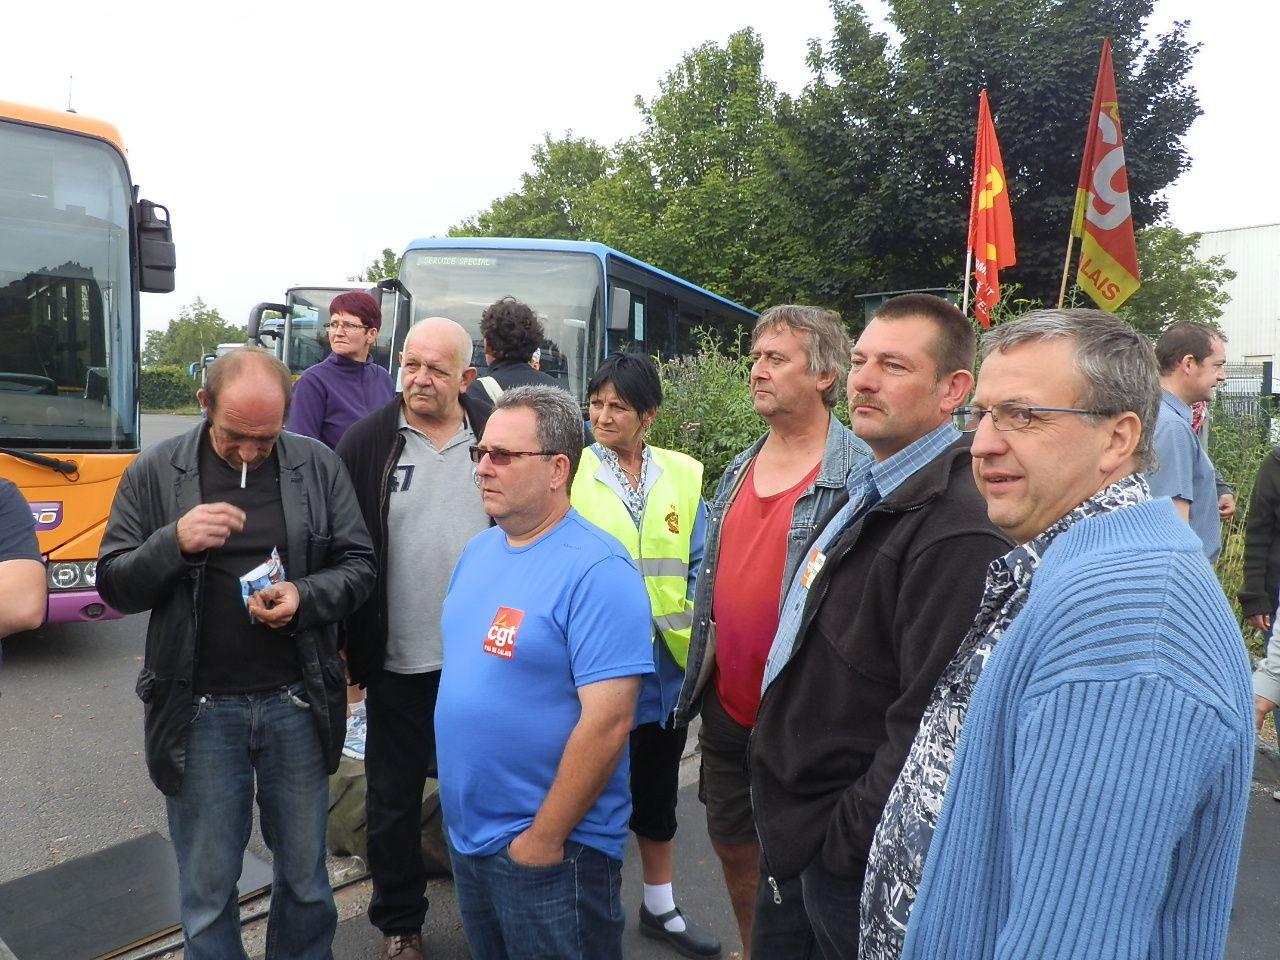 En juillet 2013, à l'initiative de l'Union de luttes CGT : manifestation devant Dourlens (groupe Keolis) à Bruay-la-Buissière